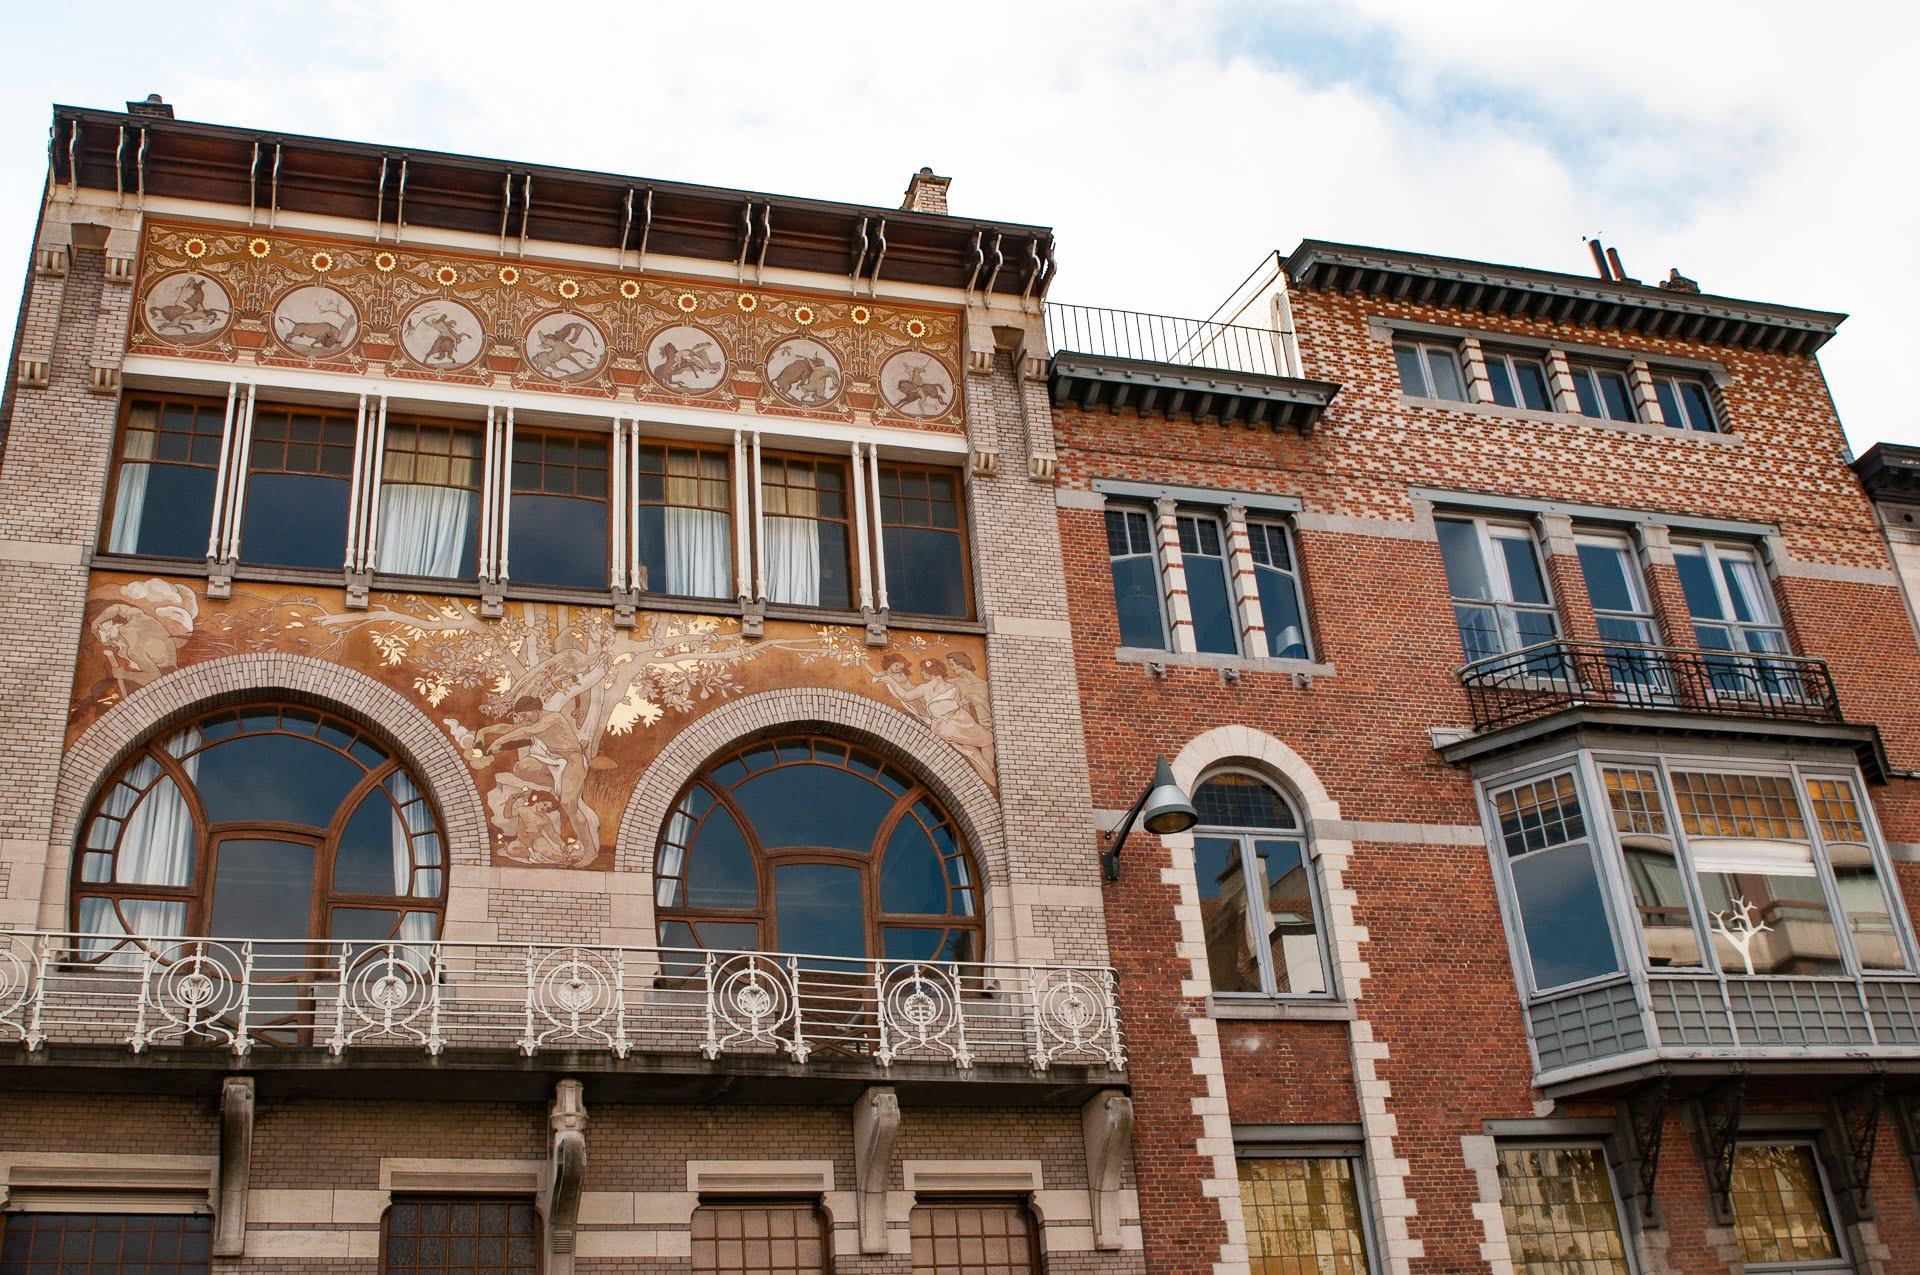 Hôtel Ciamberlani et ses sgraffites si bien conservées à bruxelles